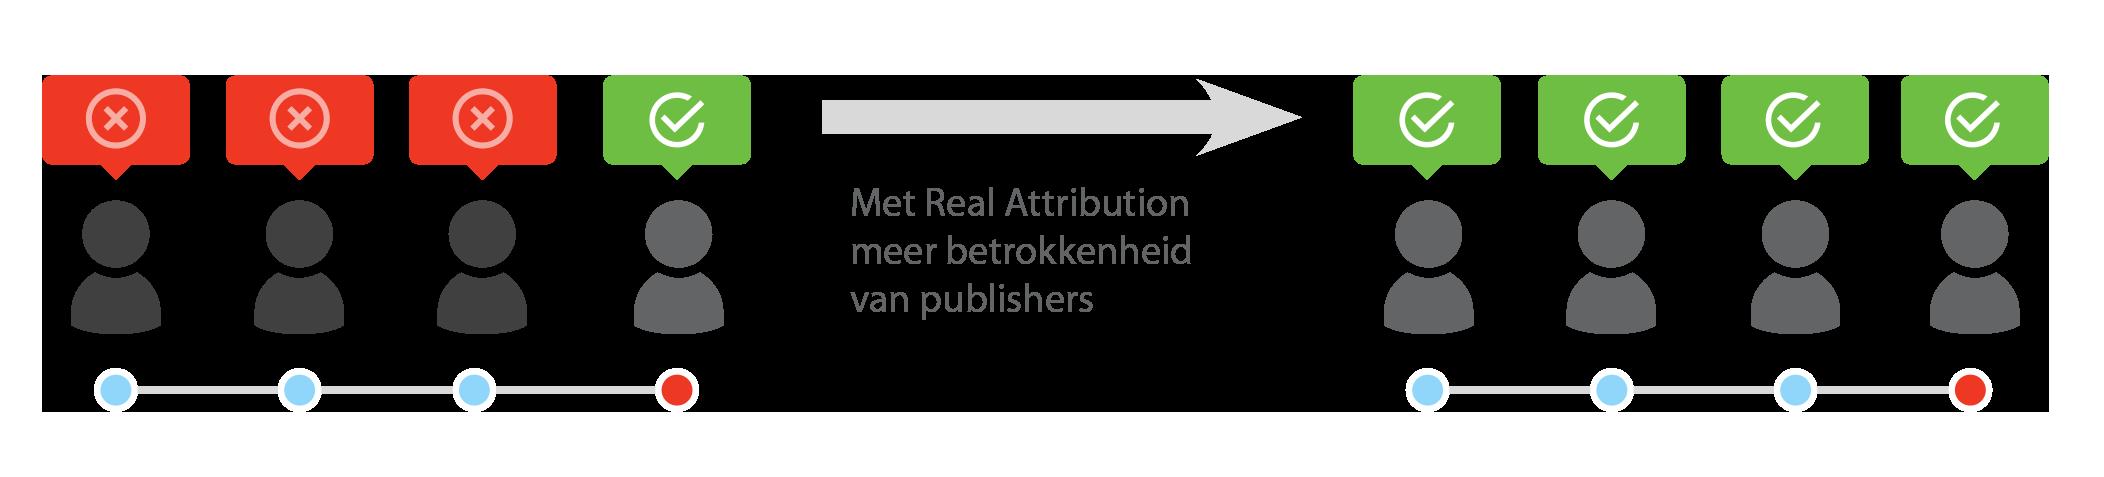 Betrokken publishers